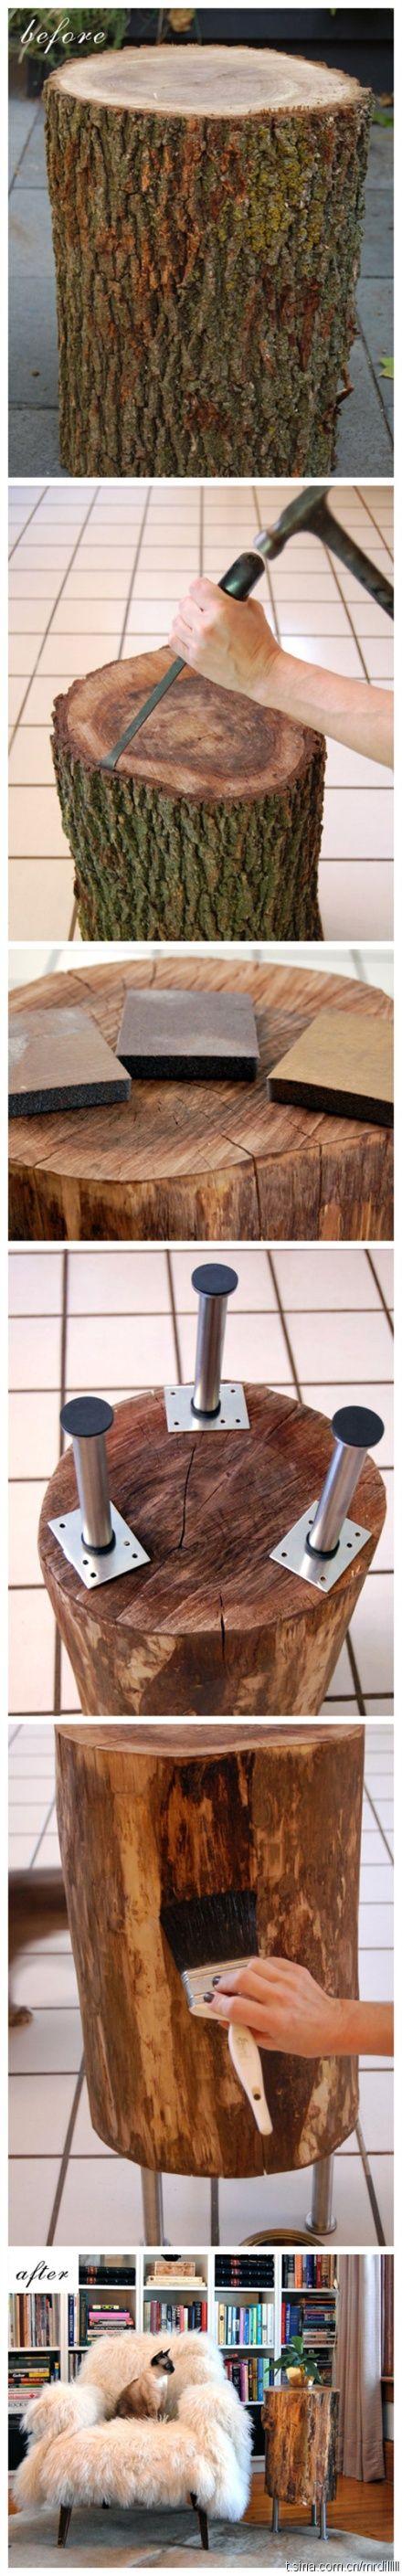 DIY boomstam tafeltjes. Het is een leuk alternatief voor een salontafel of nachtkastje. Maar je kunt het boomstam tafeltje gebruiken als bijzettafel of kruk